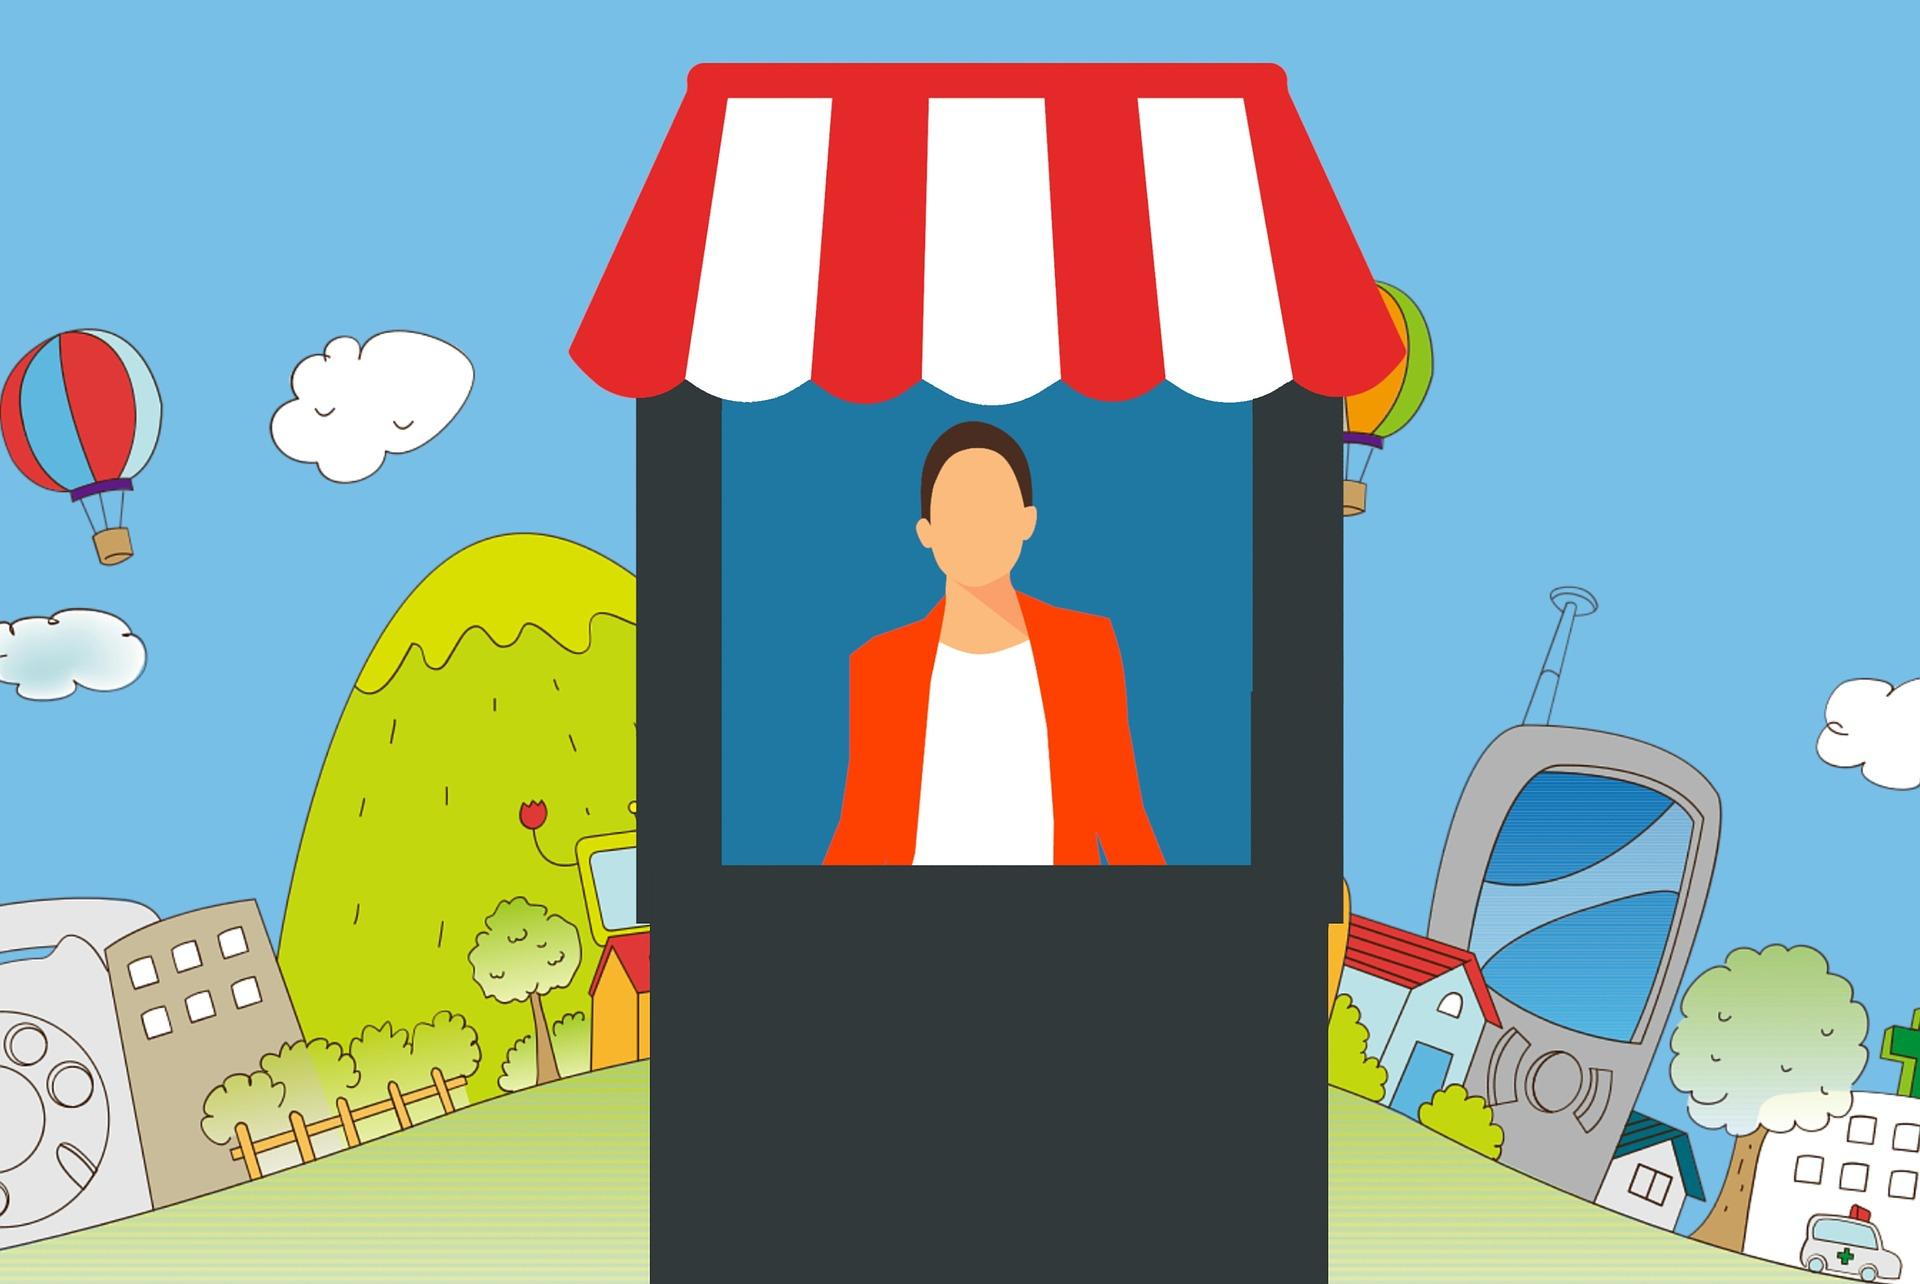 Застраховка Сигурност за бизнеса Групама застраховане Застраховка за малък и среден бизнес